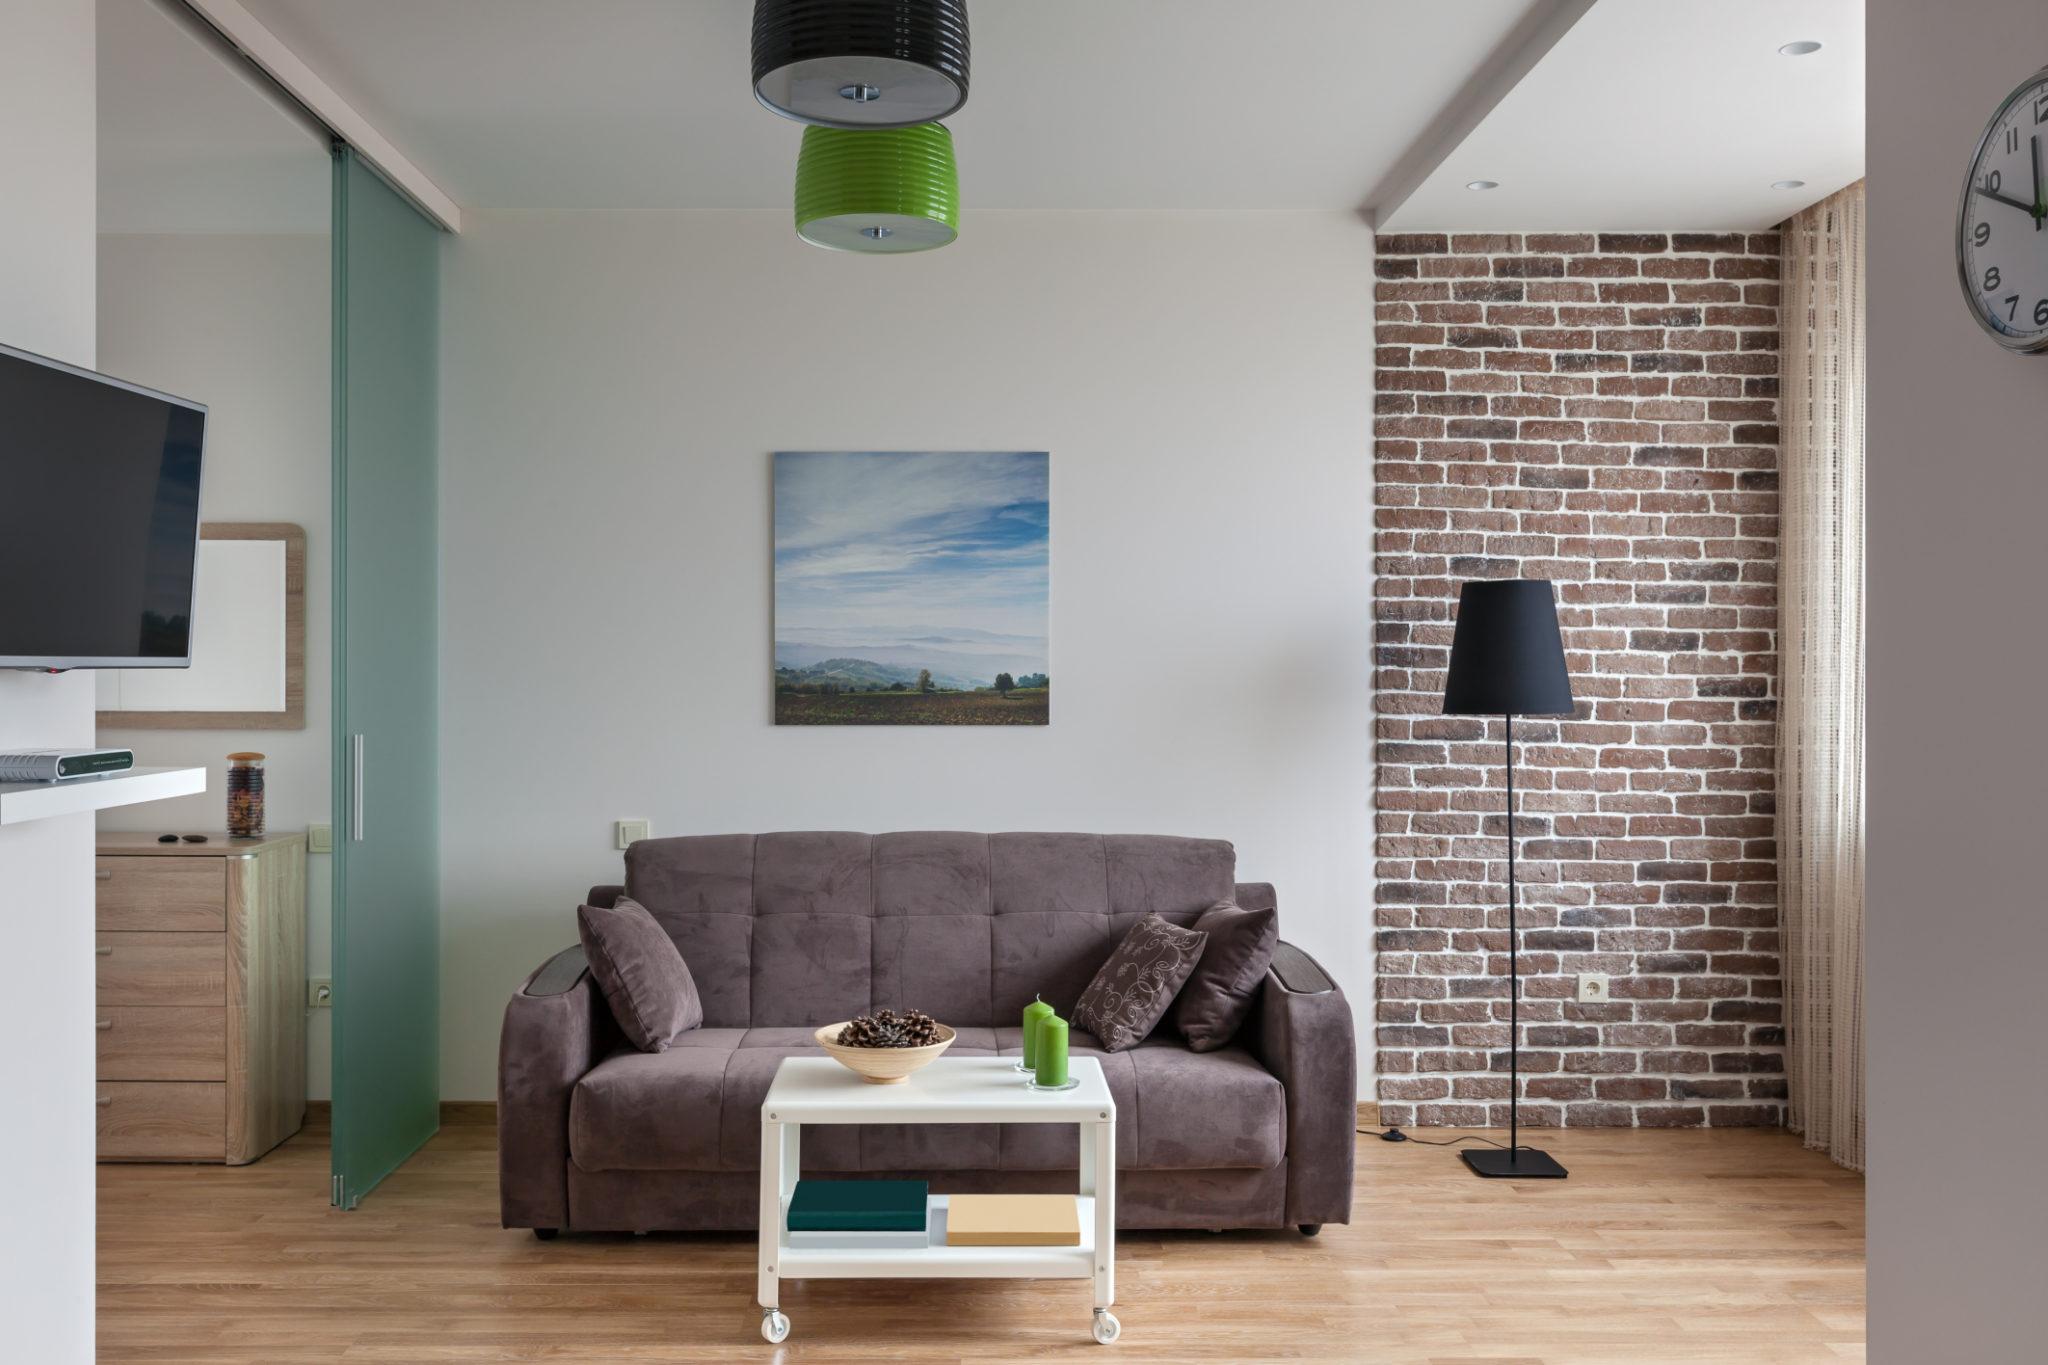 einrichtungstipps f r die wohnung im skandinavischen stil. Black Bedroom Furniture Sets. Home Design Ideas